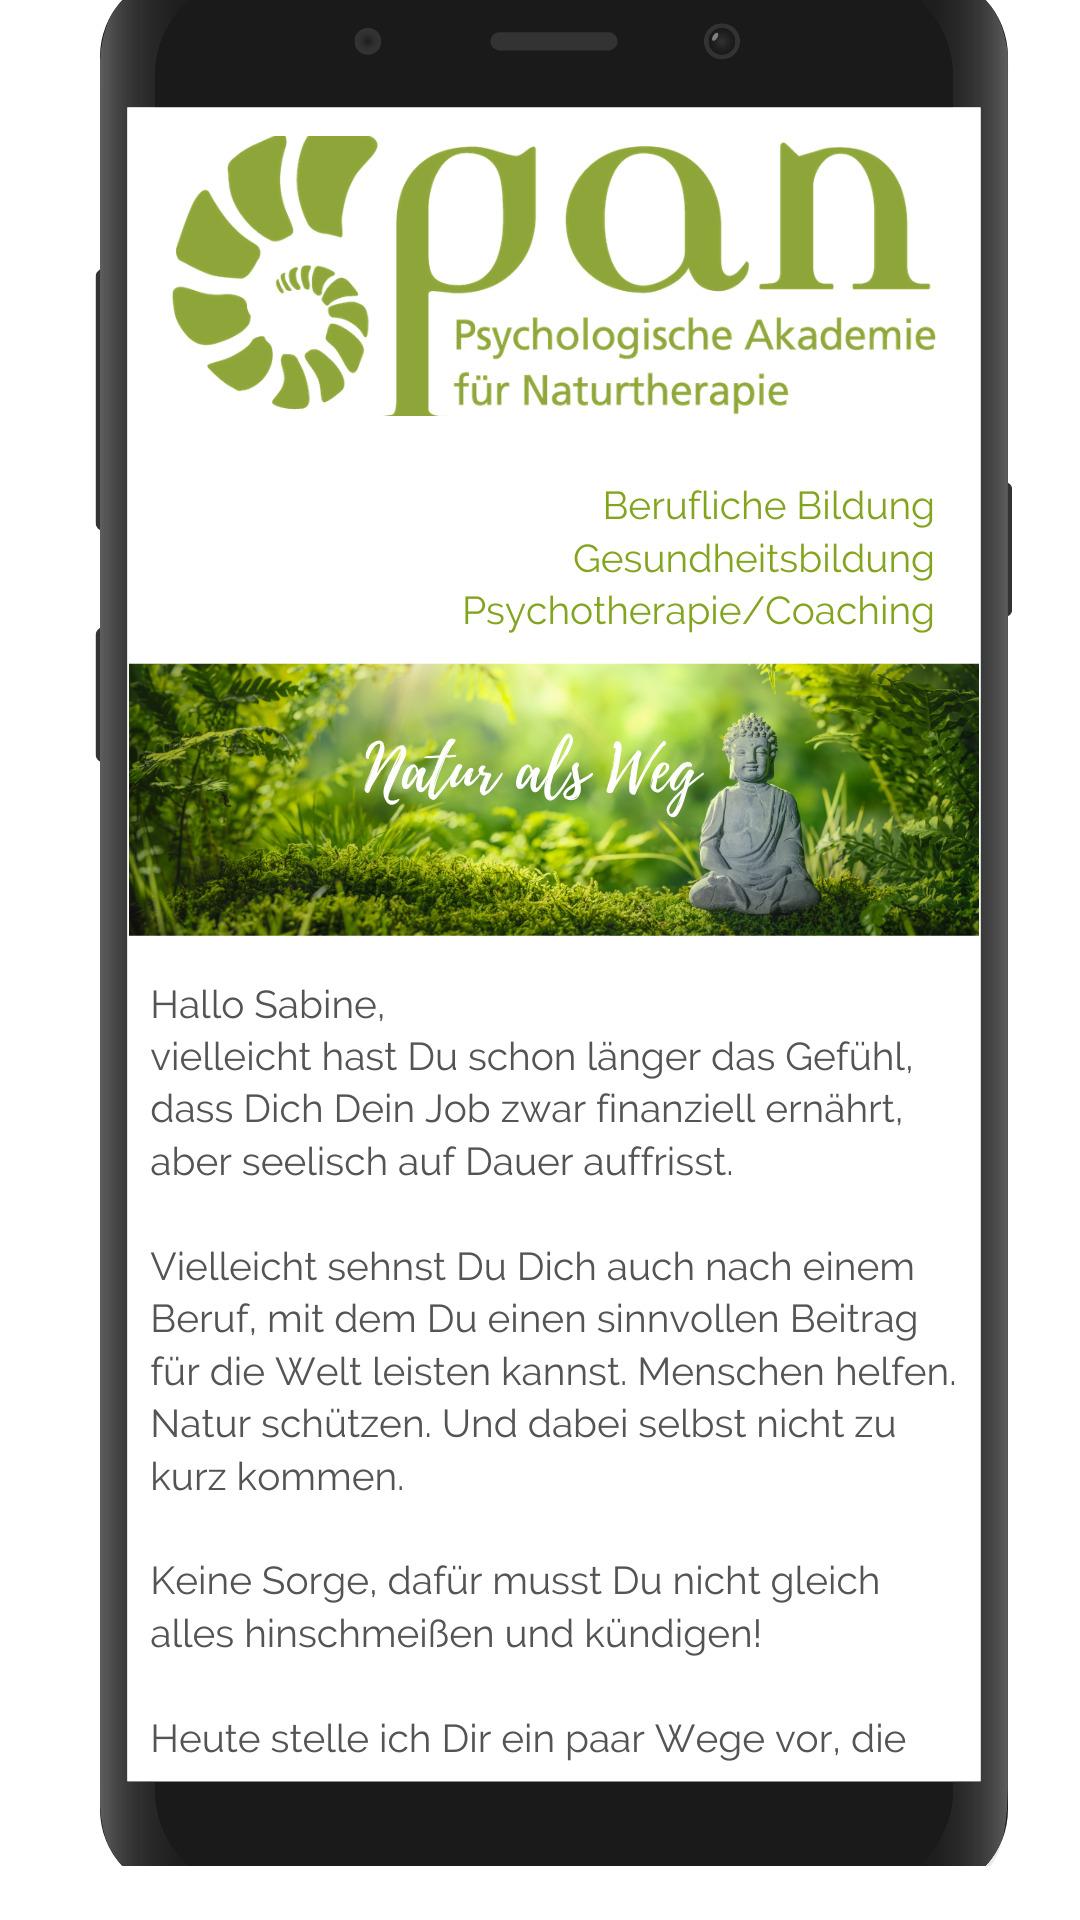 Newsletter Naturtherapie